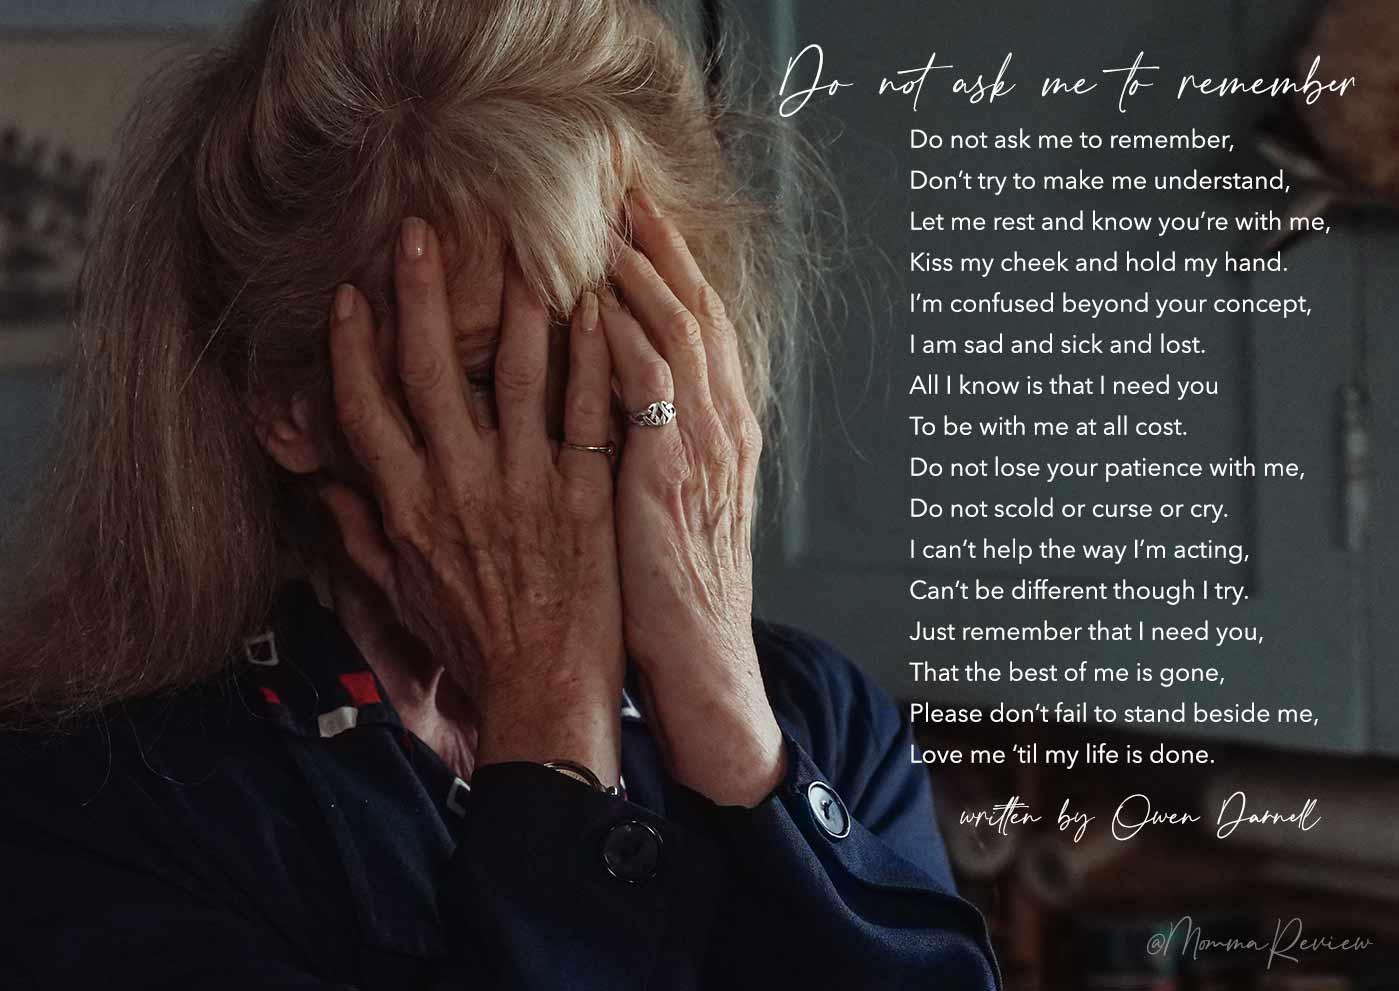 dementiapoem